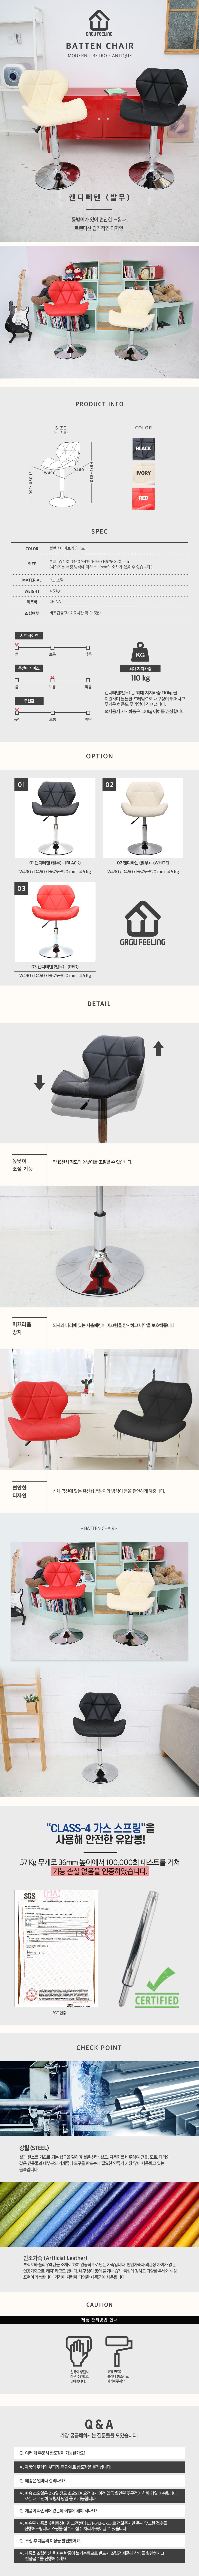 [가구느낌] 캔디빠텐(발무) 아일랜드식탁 홈바 바텐의자 - 가구느낌, 40,900원, 디자인 의자, 바의자